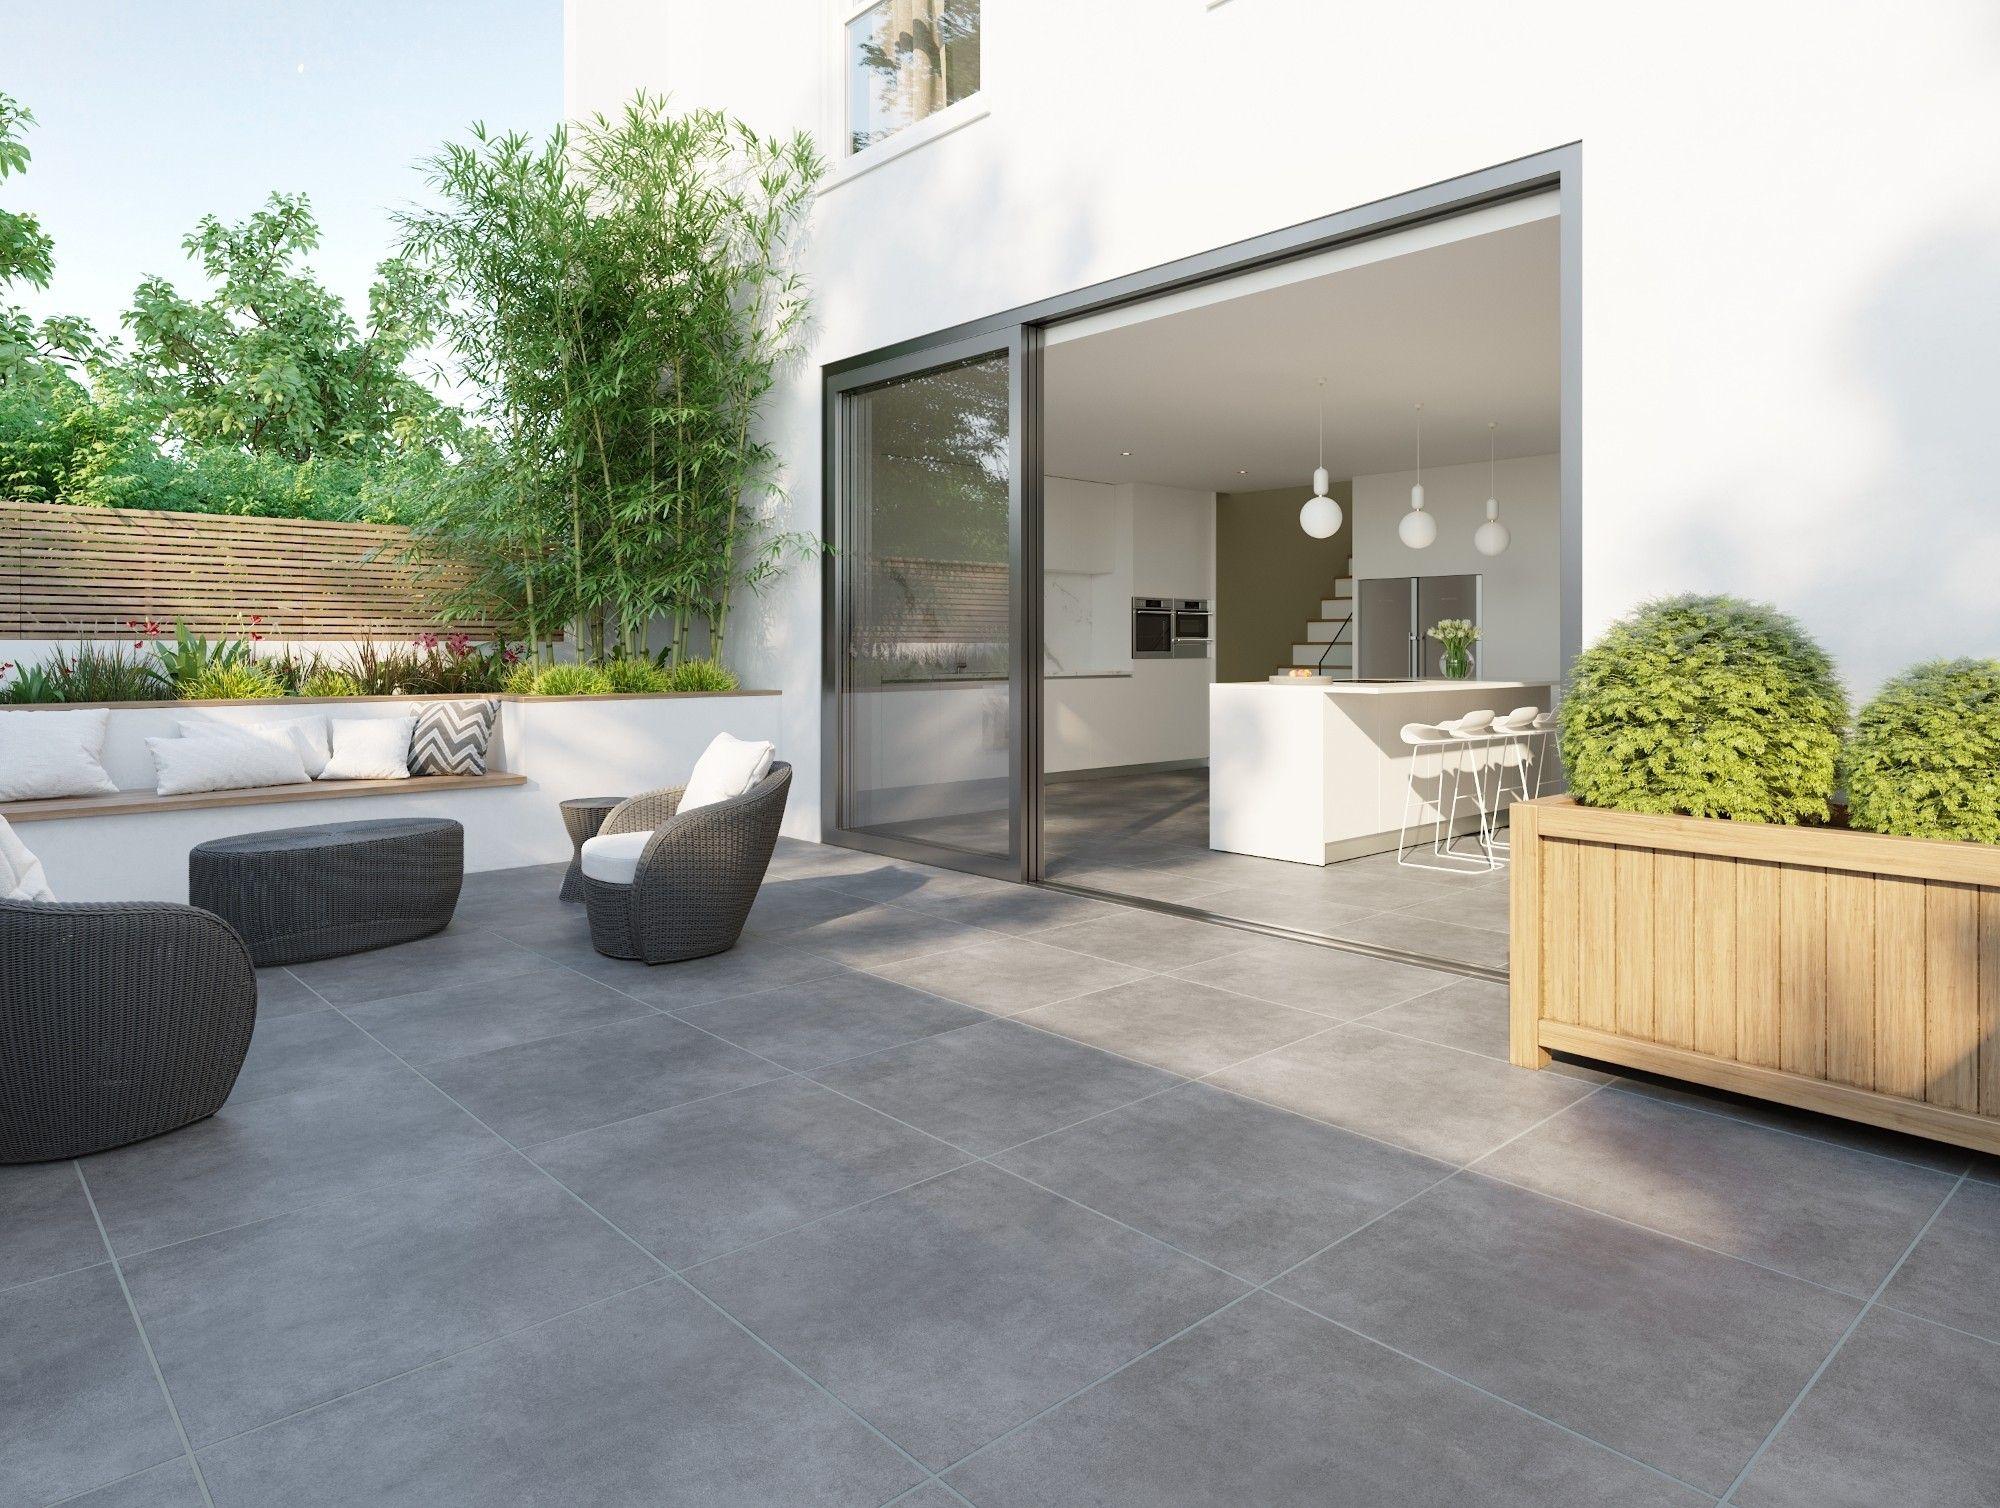 Dunsen Grey Floor Tiles Grey Floor Tiles Outdoor Flooring Grey Flooring